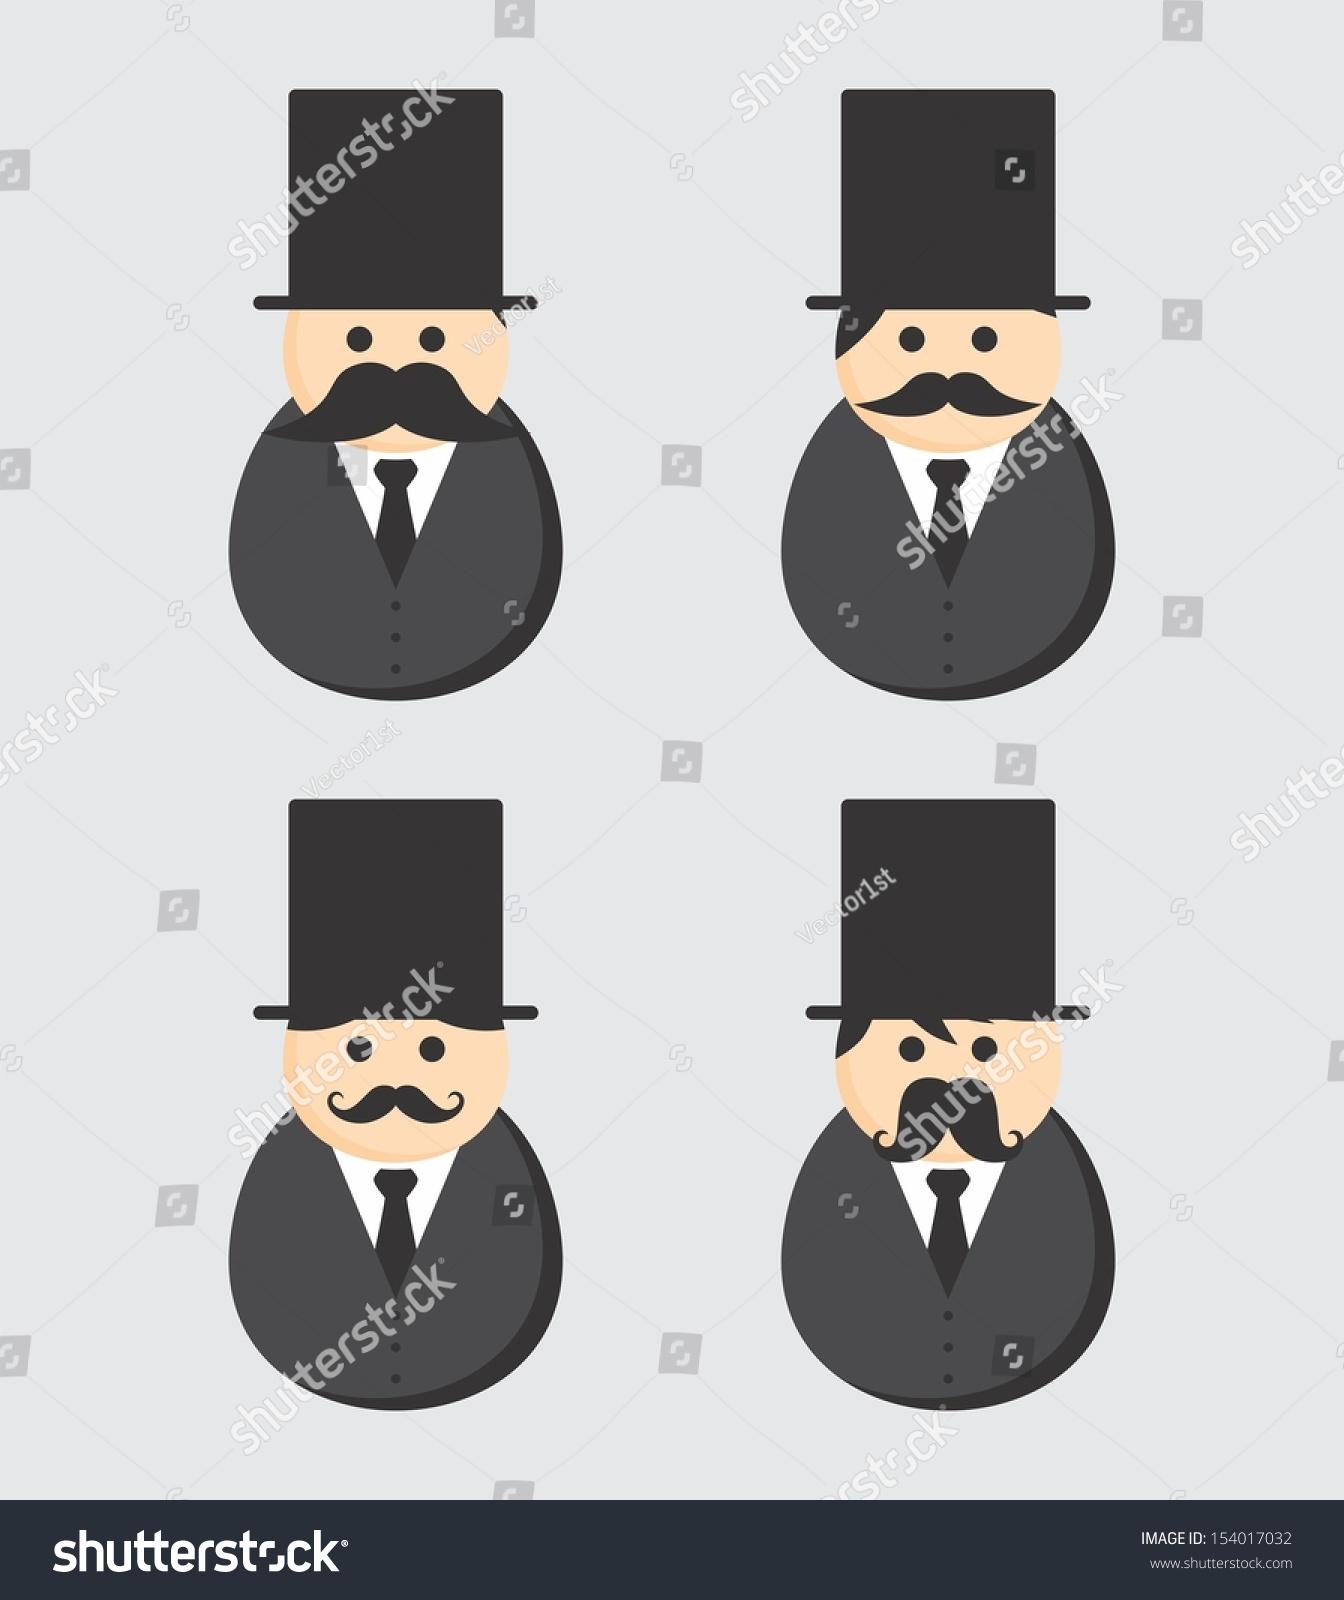 Stock Vector Mustache People